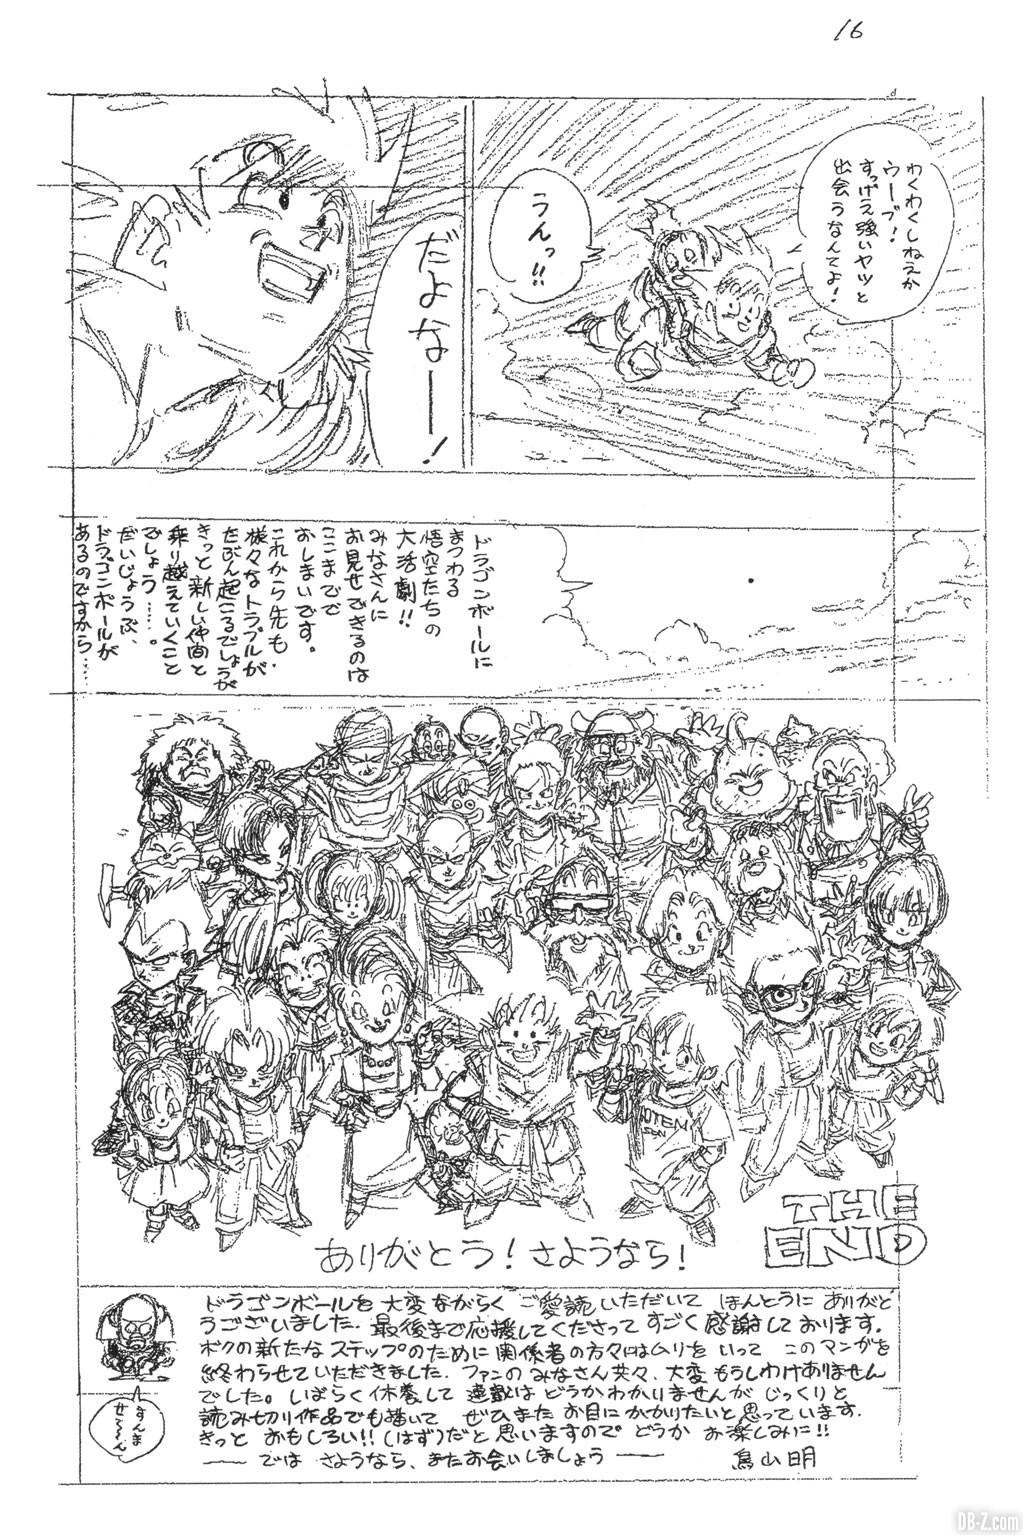 Brouillon Akira Toriyama Dernier Chapitre de Dragon Ball Page 18